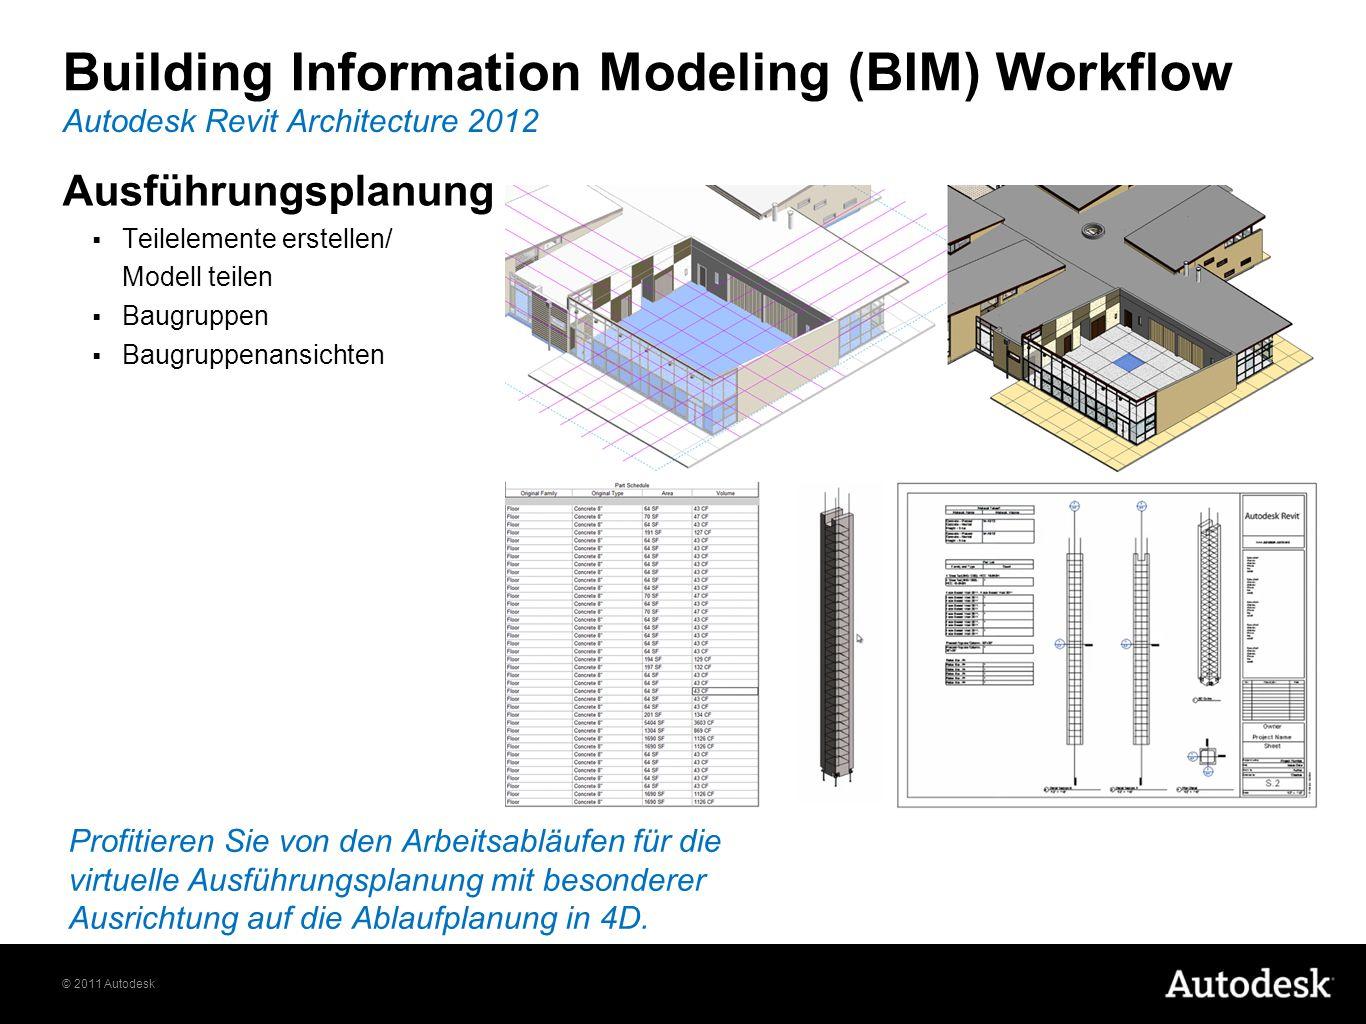 © 2011 Autodesk Ausführungsplanung Teilelemente erstellen/ Modell teilen Baugruppen Baugruppenansichten Autodesk Revit Architecture 2012 Building Information Modeling (BIM) Workflow Profitieren Sie von den Arbeitsabläufen für die virtuelle Ausführungsplanung mit besonderer Ausrichtung auf die Ablaufplanung in 4D.